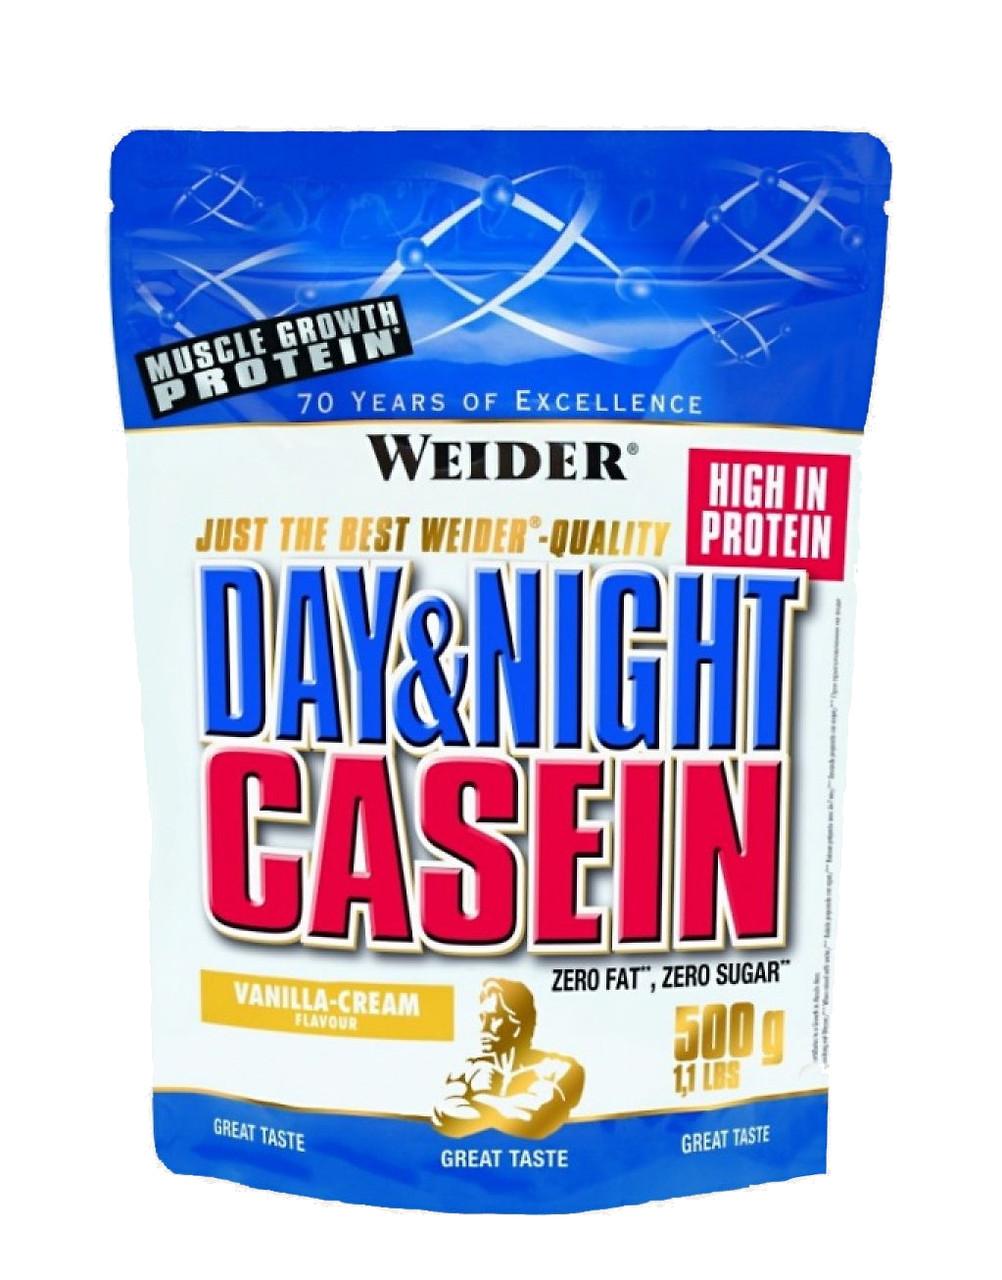 100% Day & Night Casein Weider